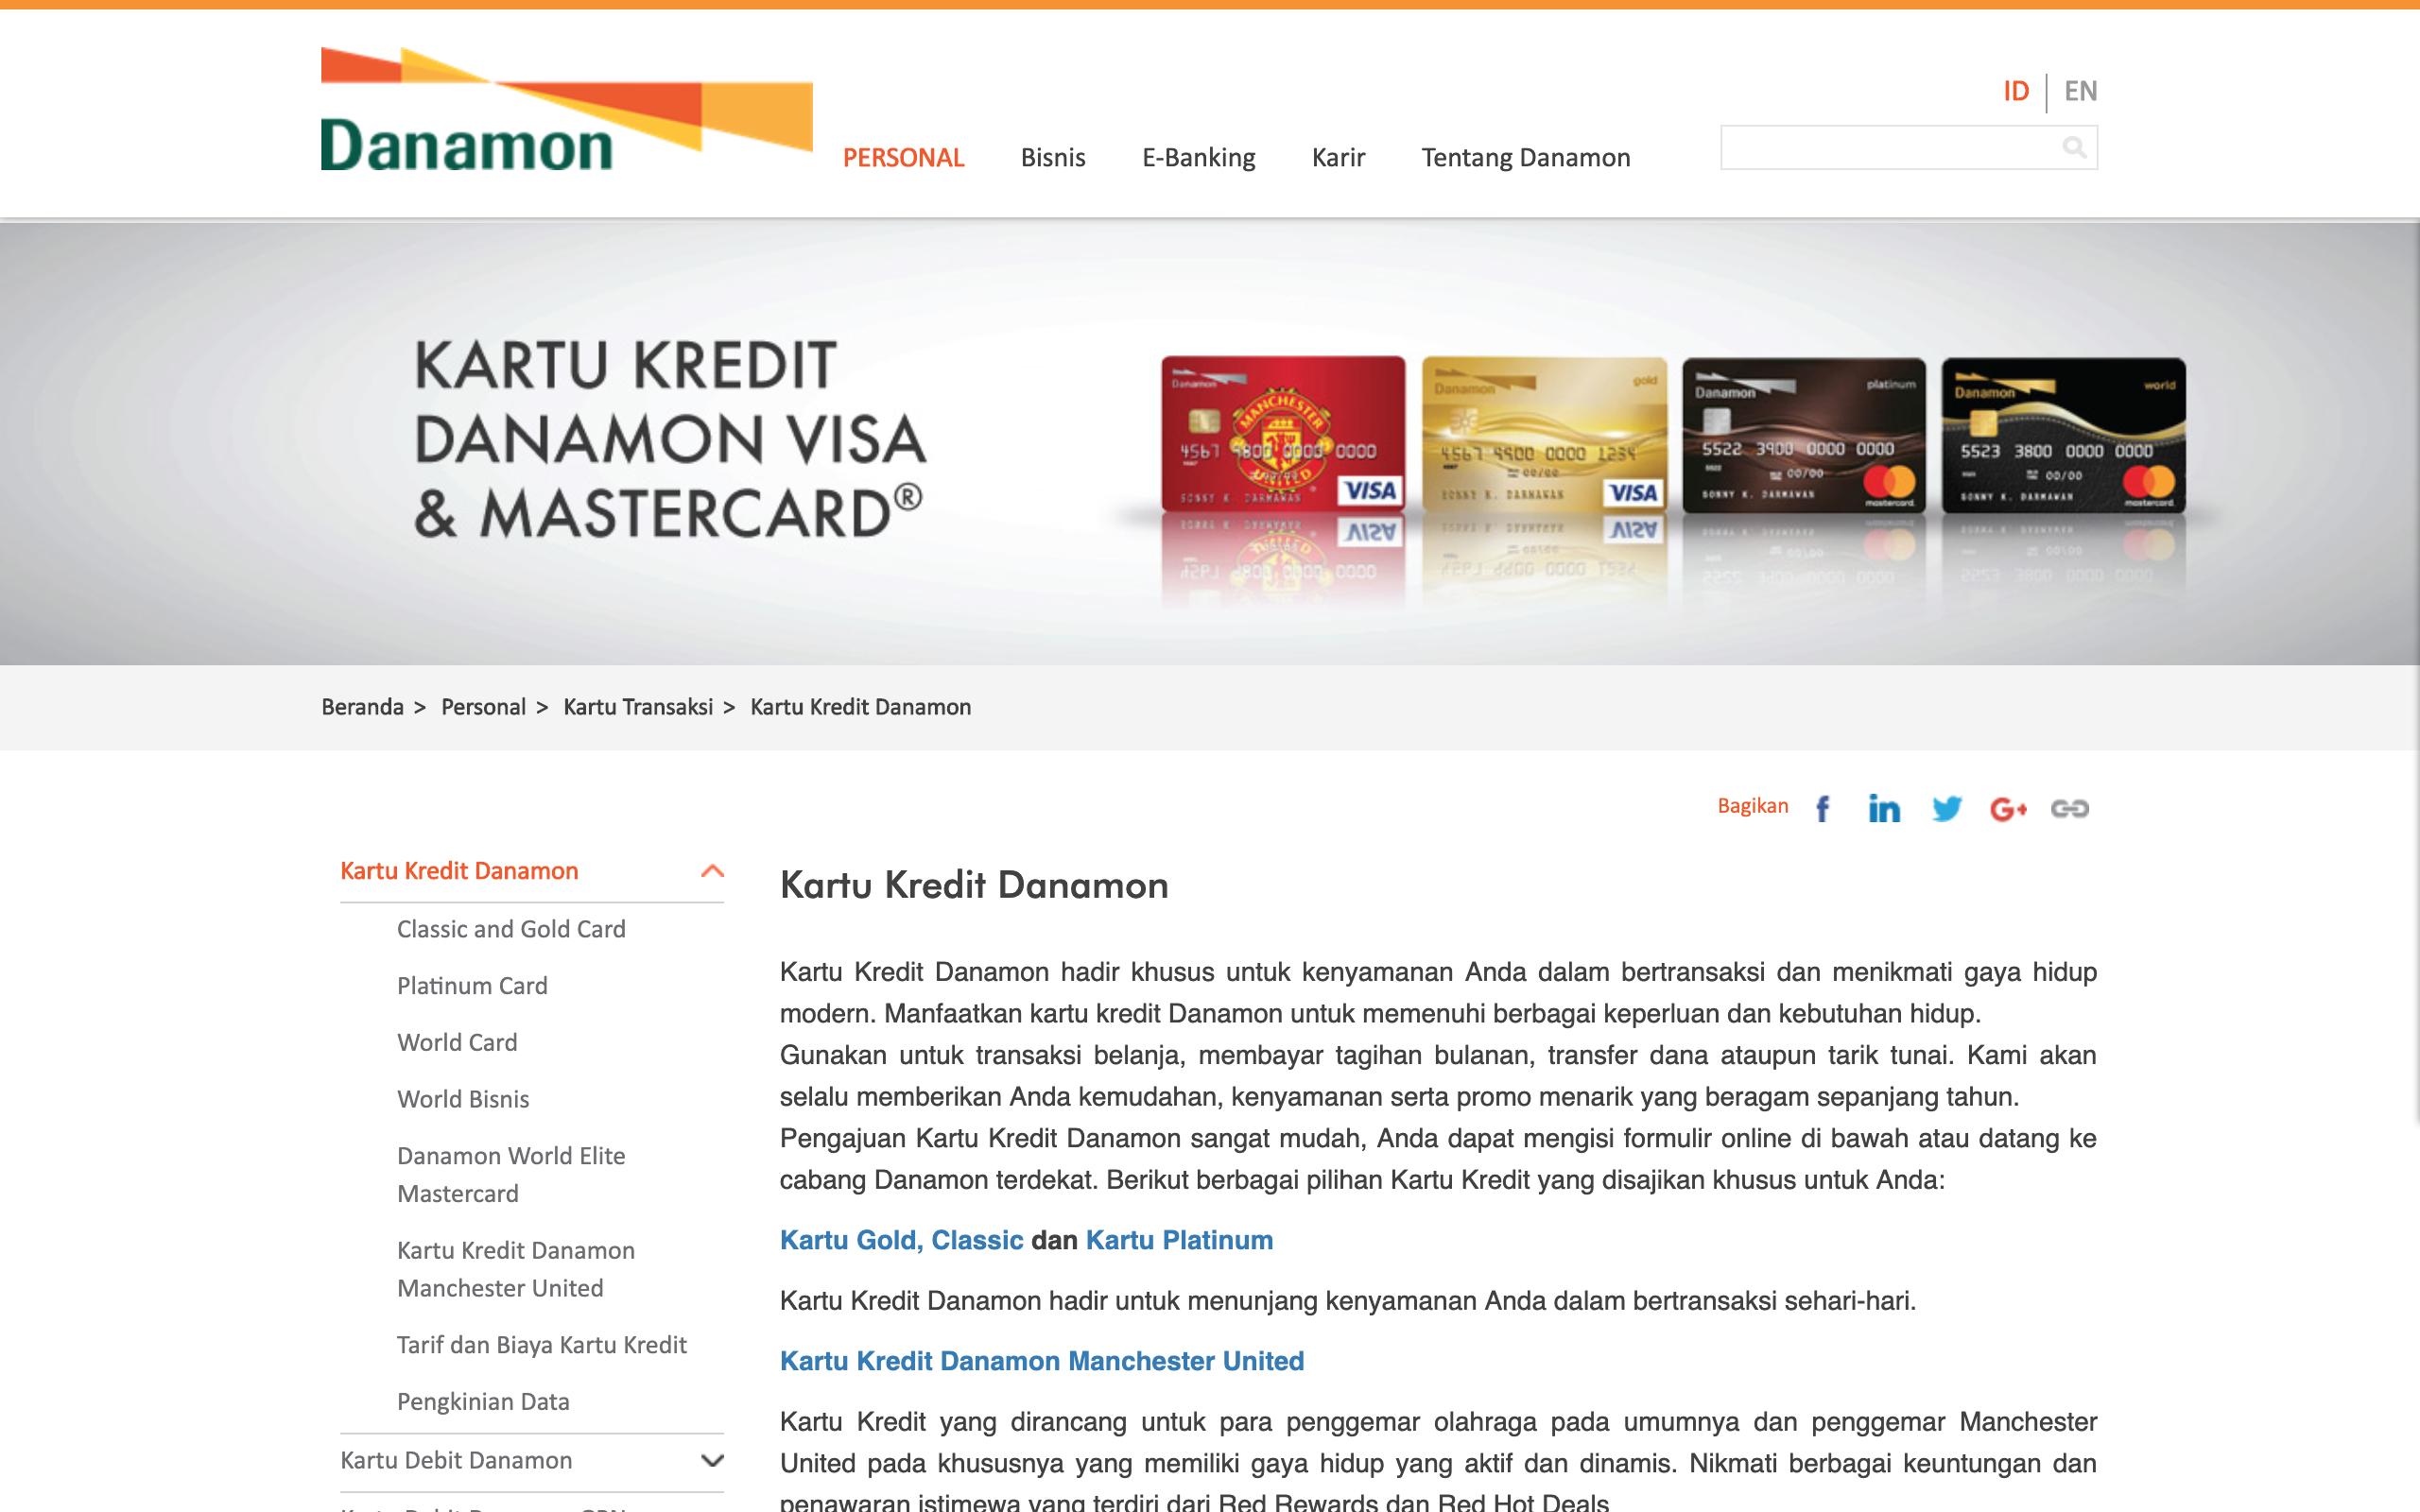 Cara Menutup Kartu Kredit Bank Danamon Yang Mudah Dan Cepat